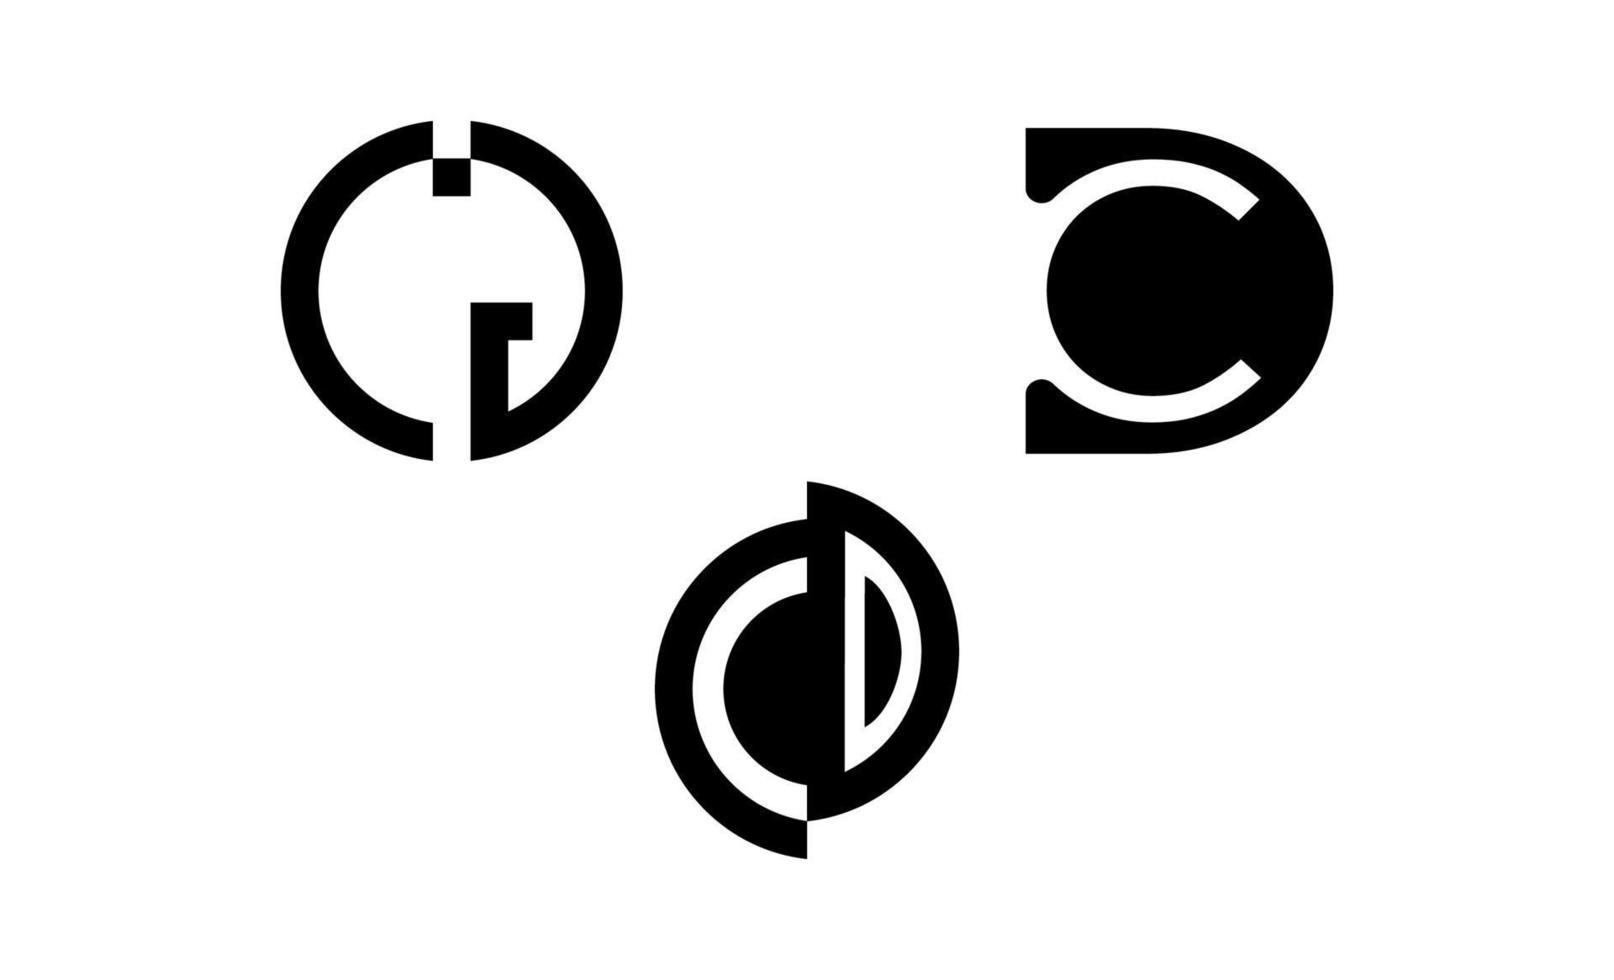 eerste cd-logo vectorillustratie vector